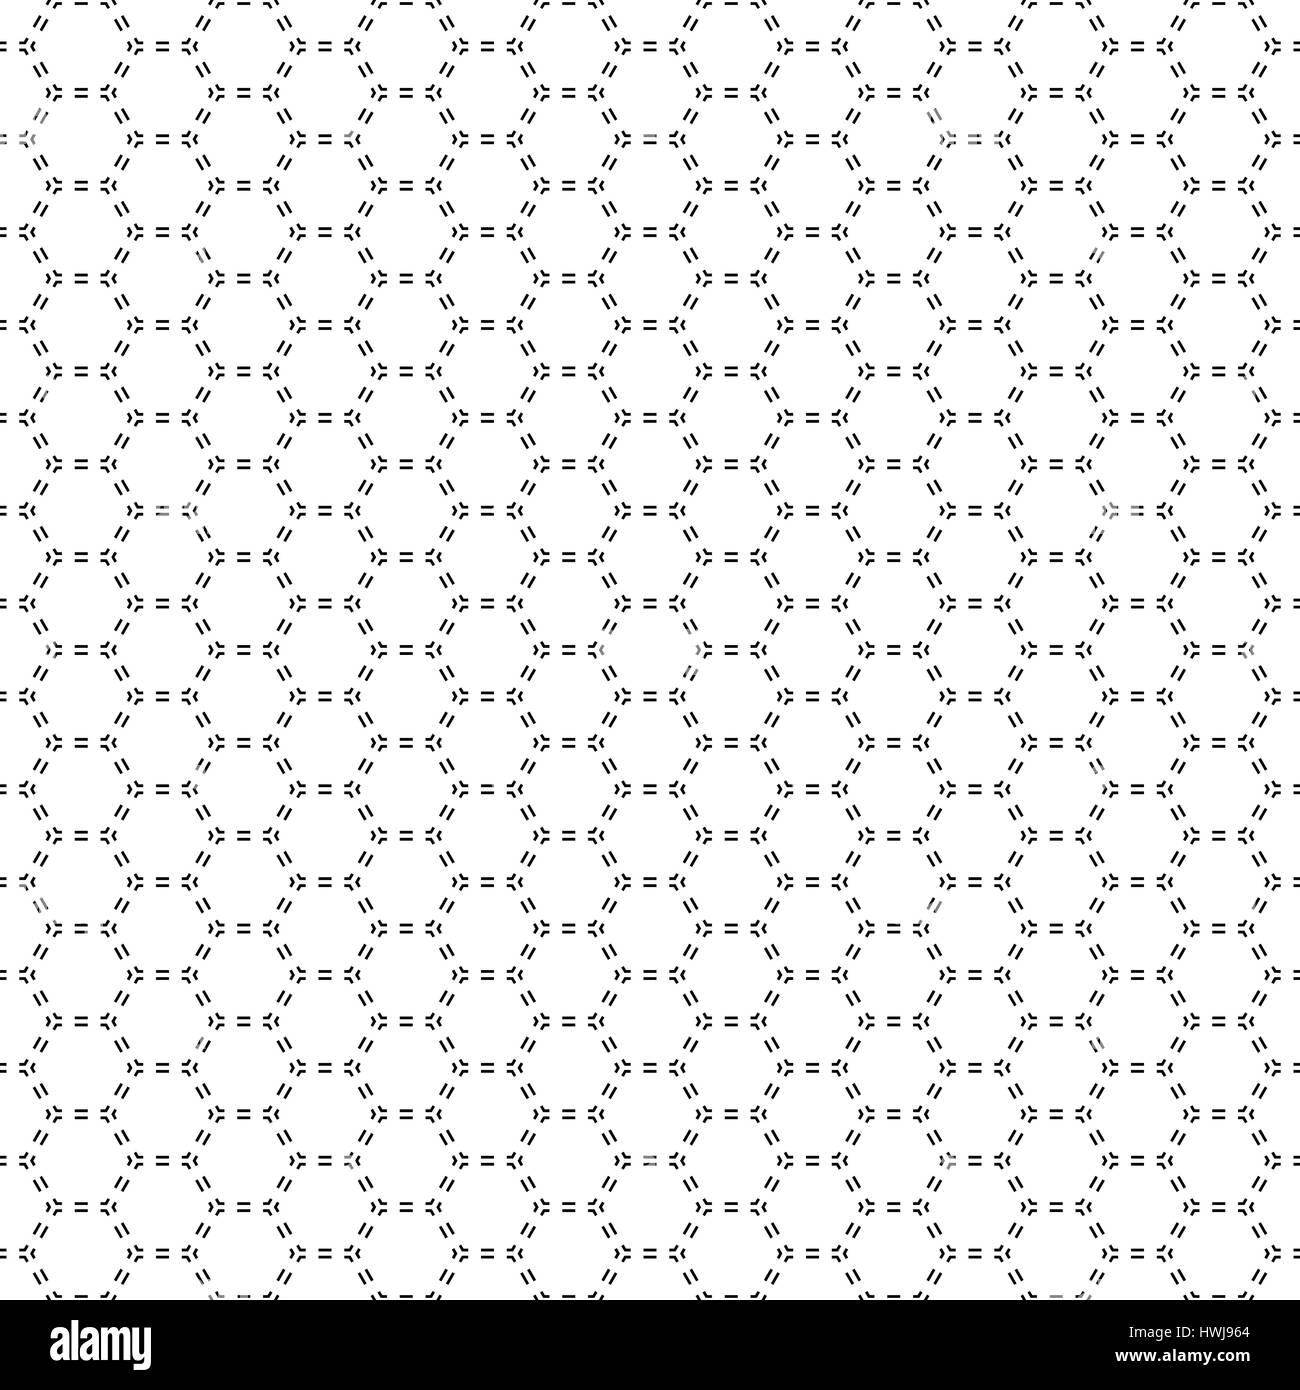 schwarz wei nahtlose muster geometrische fliesen mit diagonalen sechseck textur mit. Black Bedroom Furniture Sets. Home Design Ideas